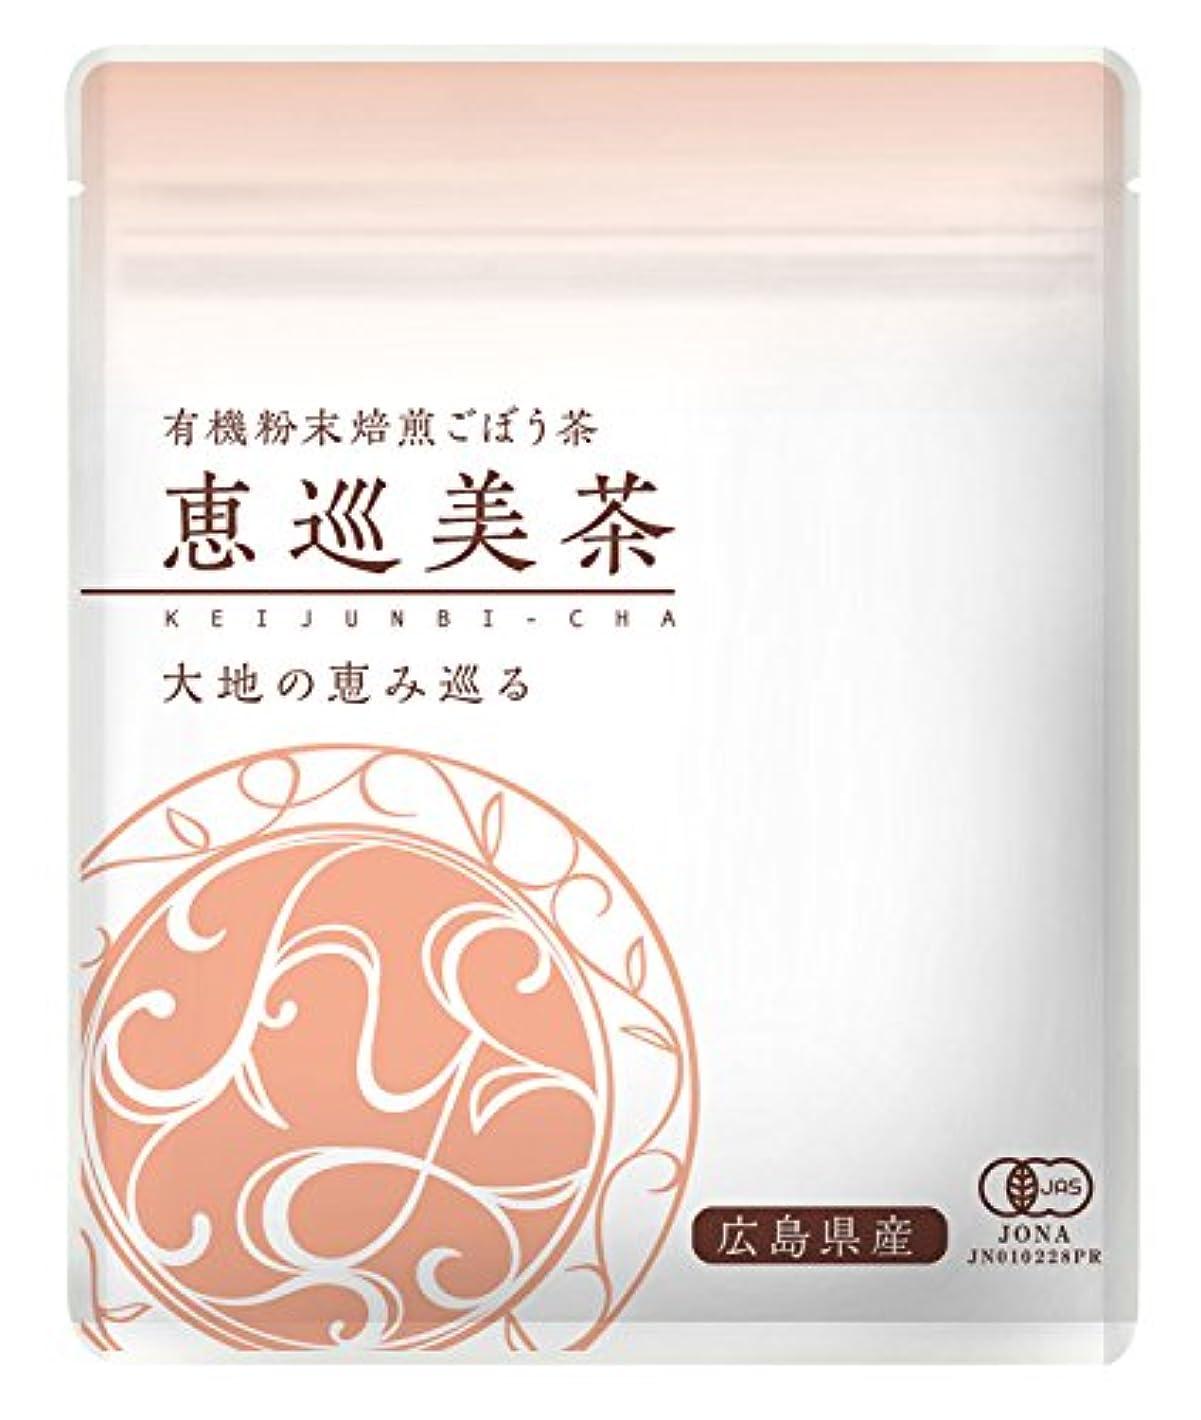 クスクスピケ薬剤師こだま食品 恵巡美茶有機粉末焙煎ごぼう茶 2g×15包 302037009